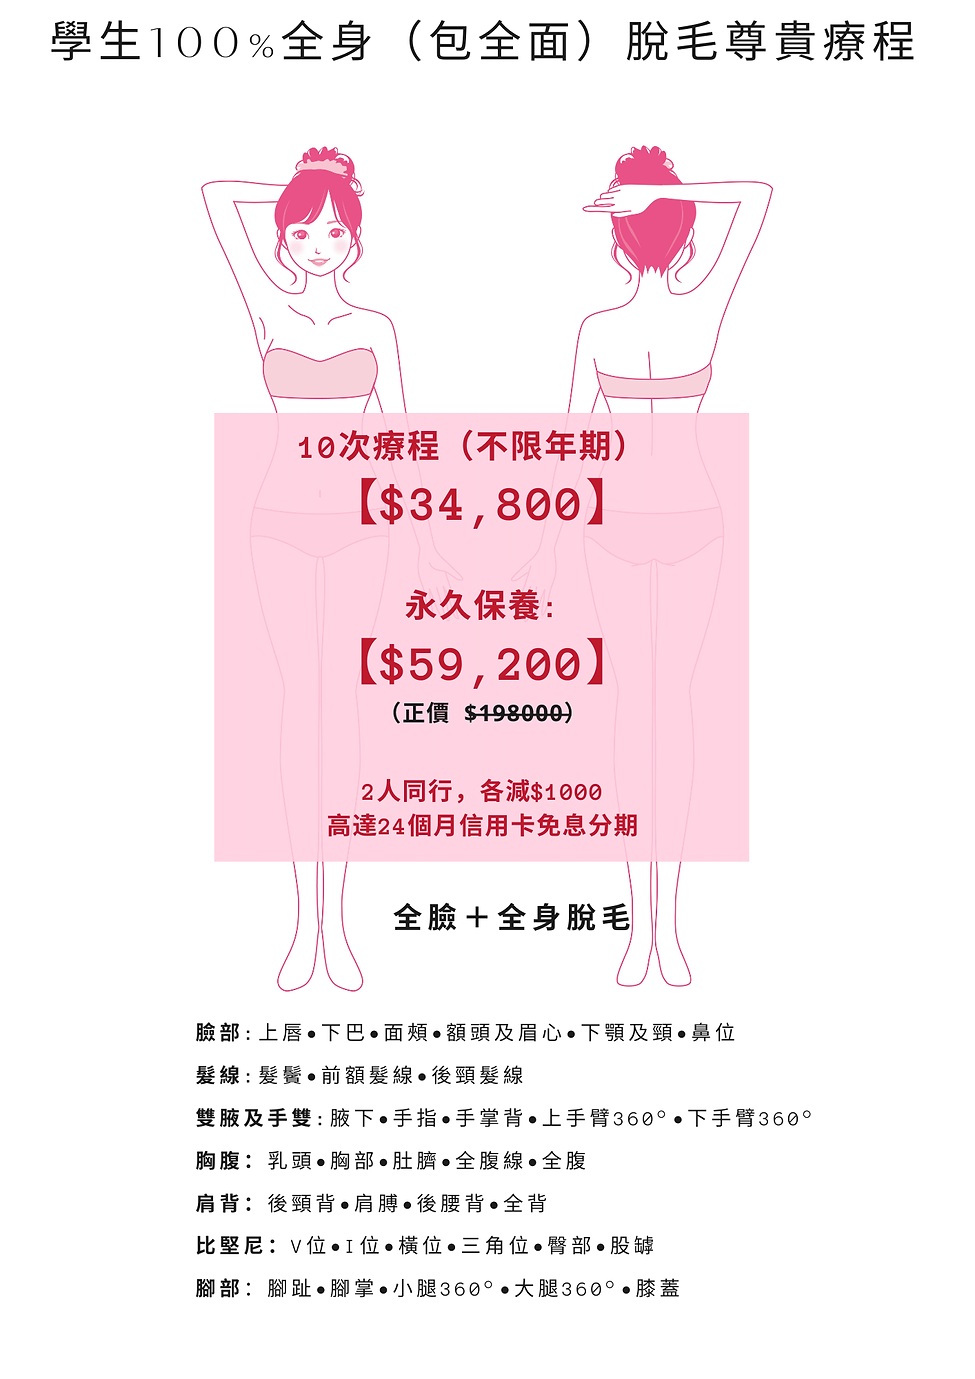 skin peel price & student laser price (1